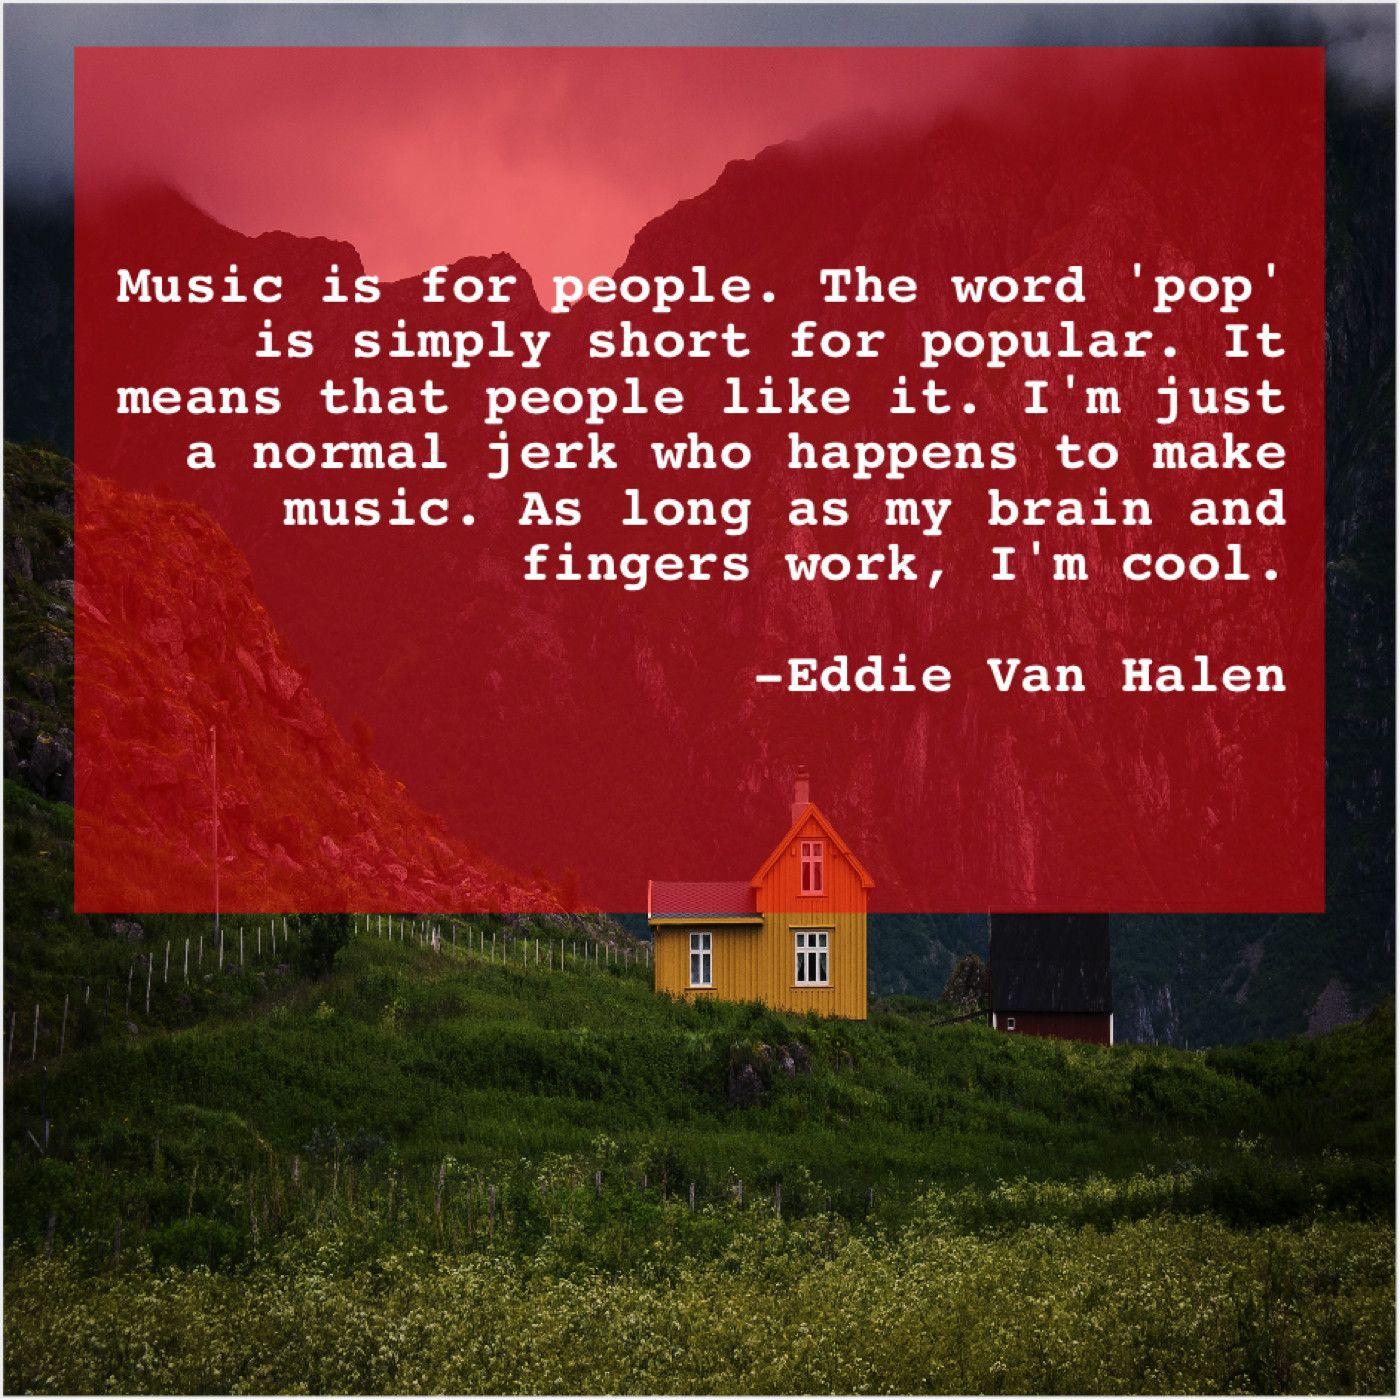 Eddie Van Halen Music Is For People The Barbara Walters George Carlin Moira Kelly